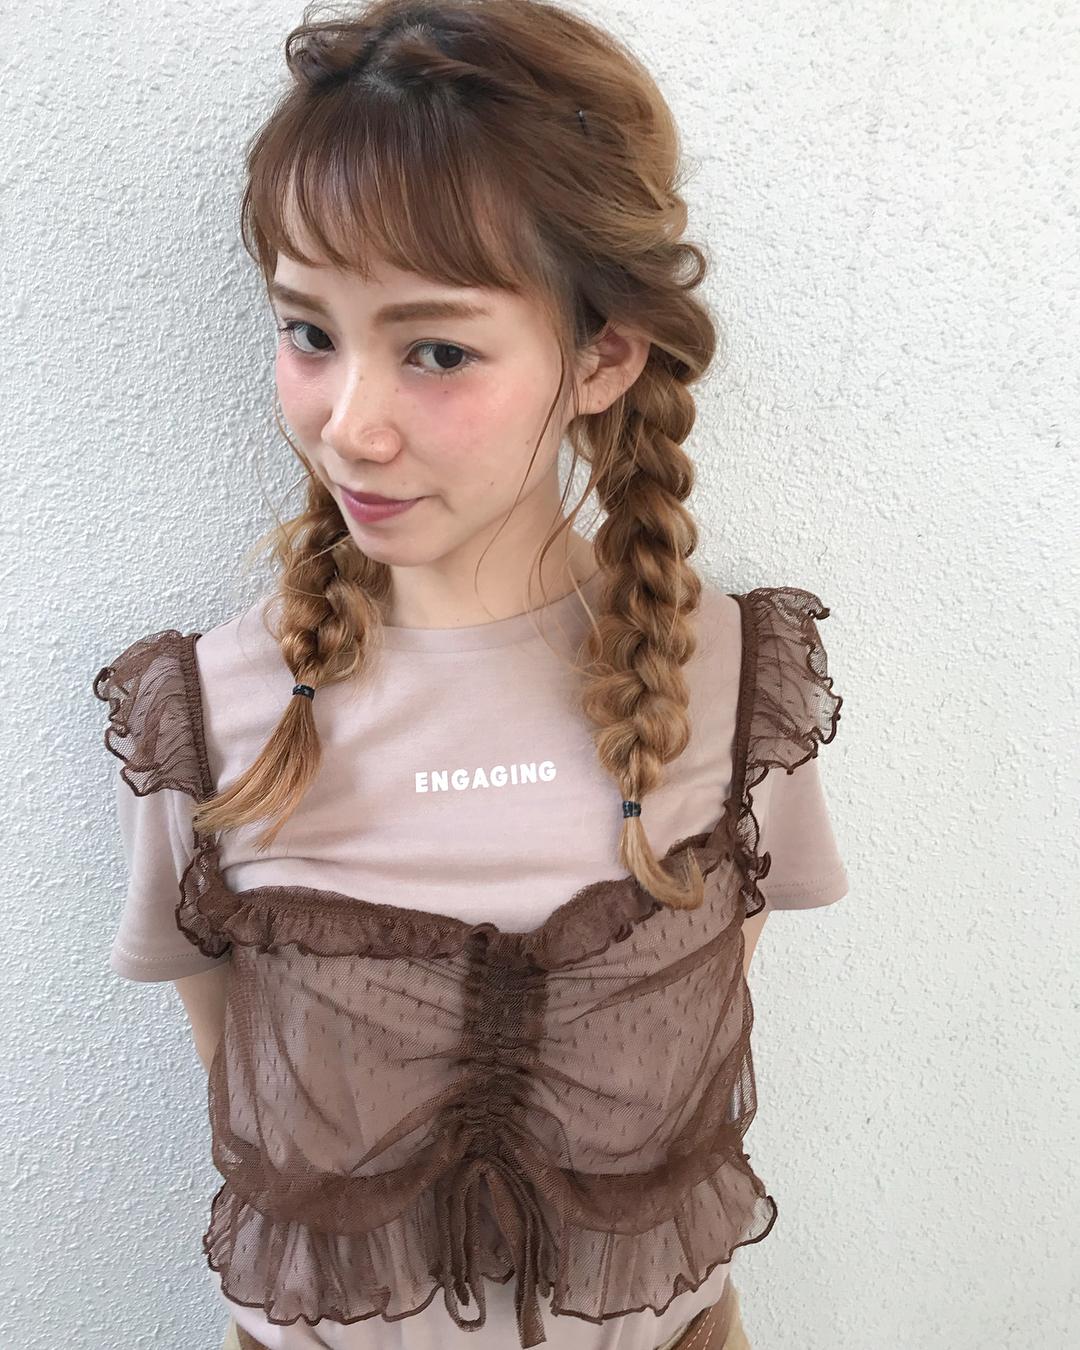 ゆるふわおさげ×ロゴTシャツ